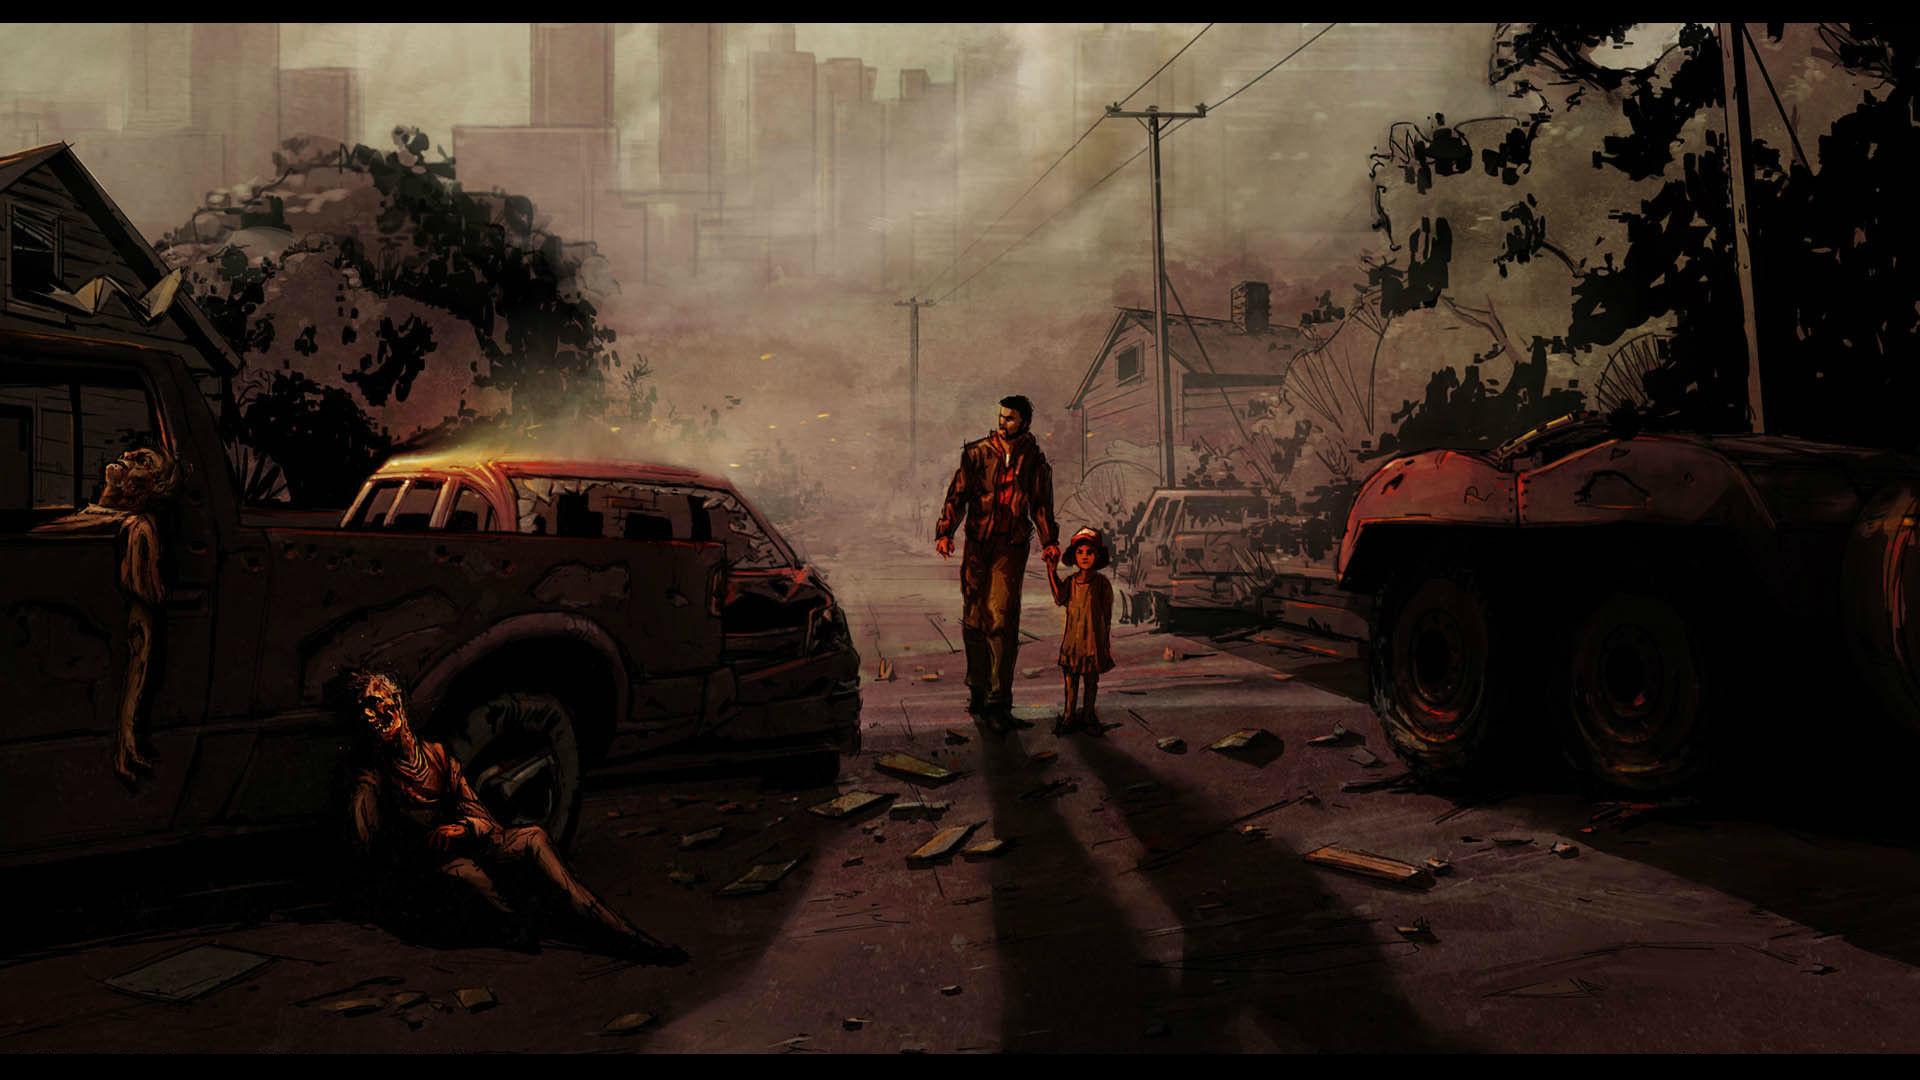 17 The Walking Dead: Season 1 HD Wallpapers   Backgrounds – Wallpaper Abyss